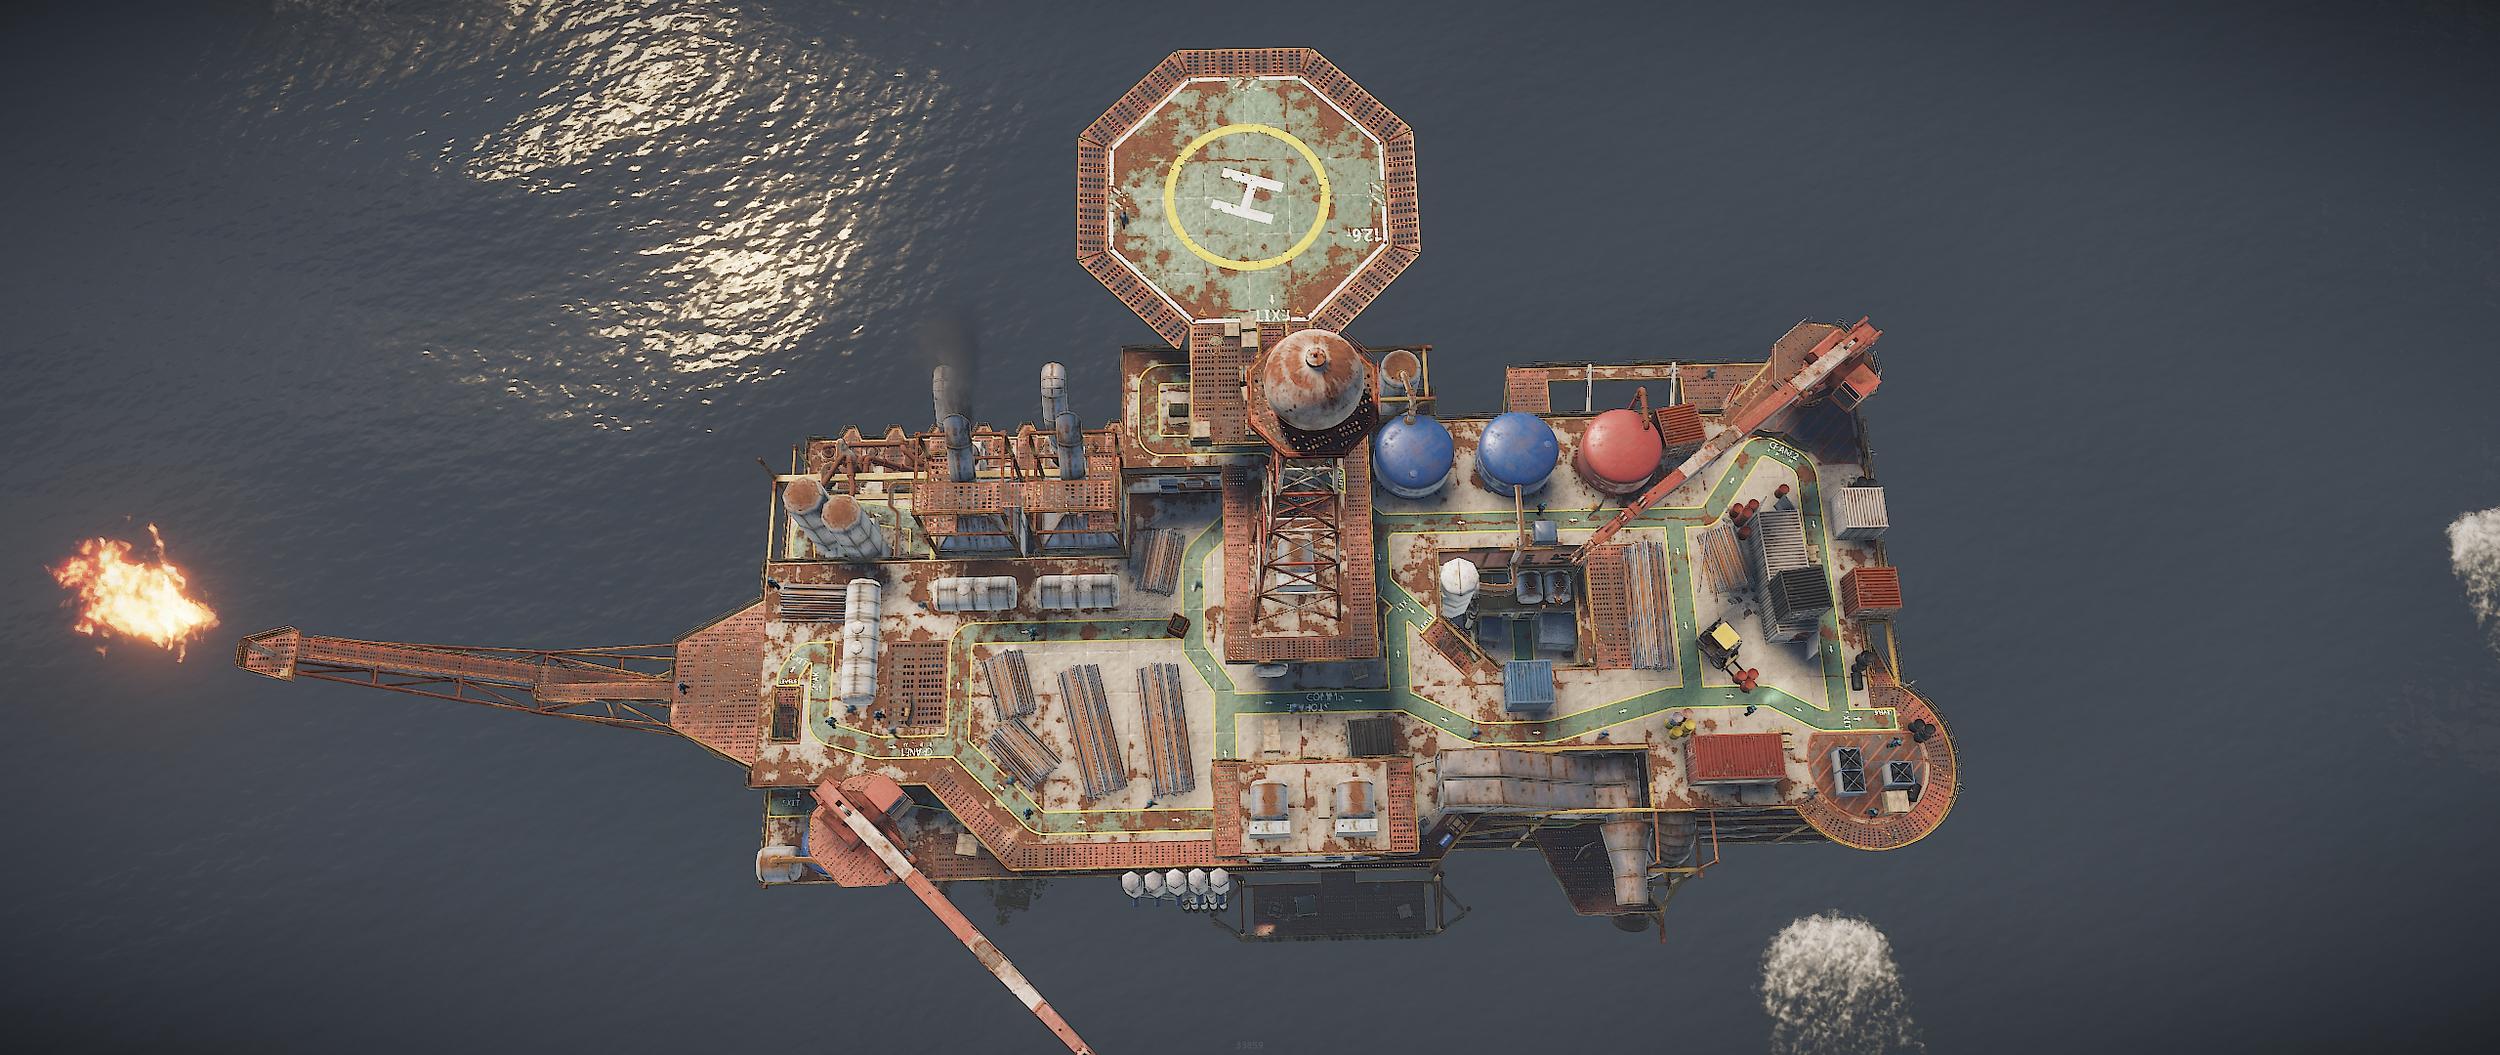 Большая нефтяная вышка - Rust